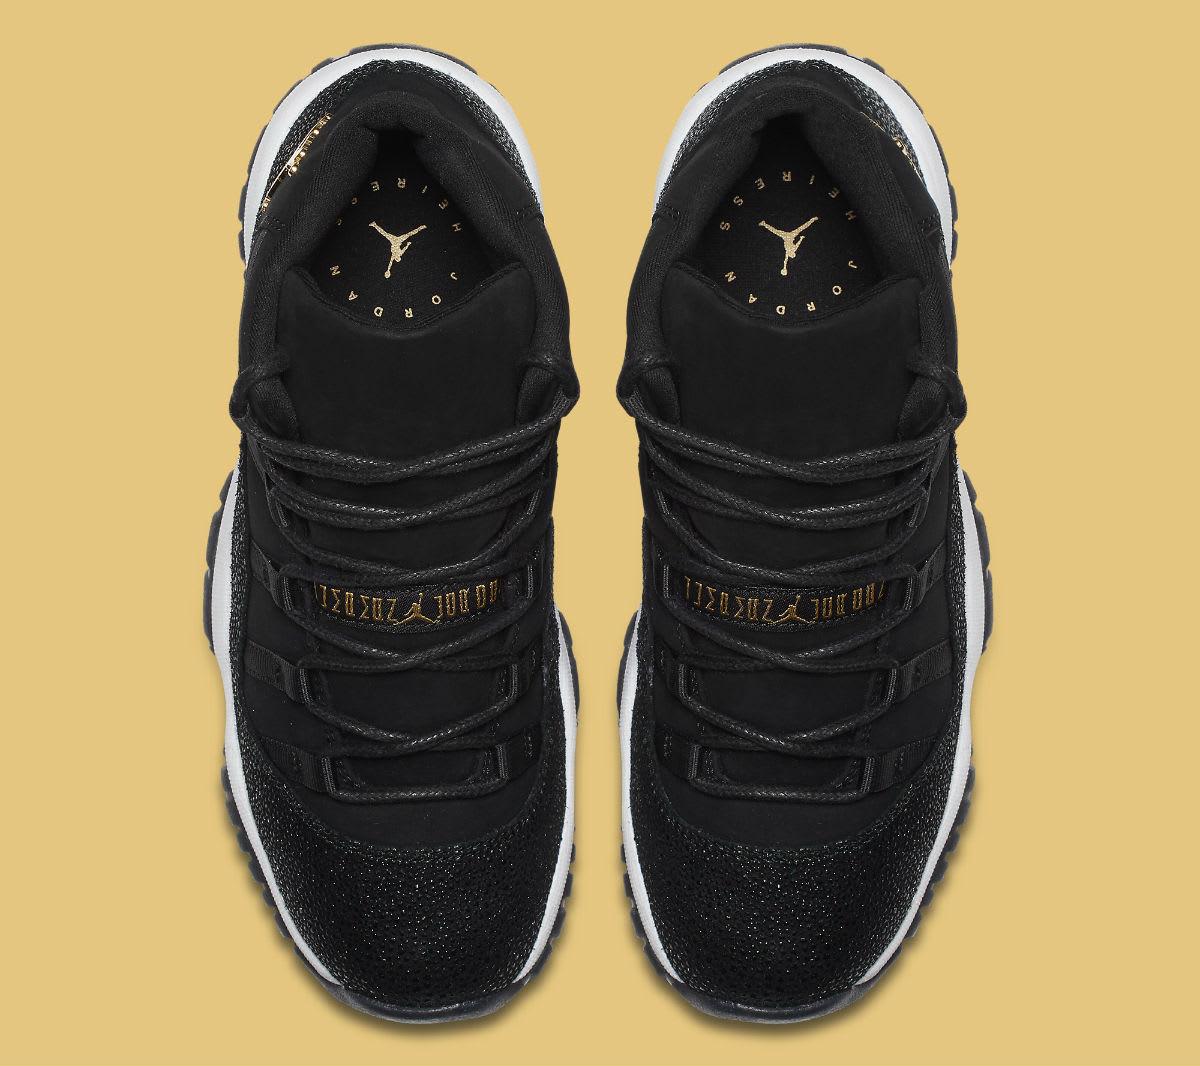 Air Jordan 11 XI Heiress Black Release Date 852625-030 Top